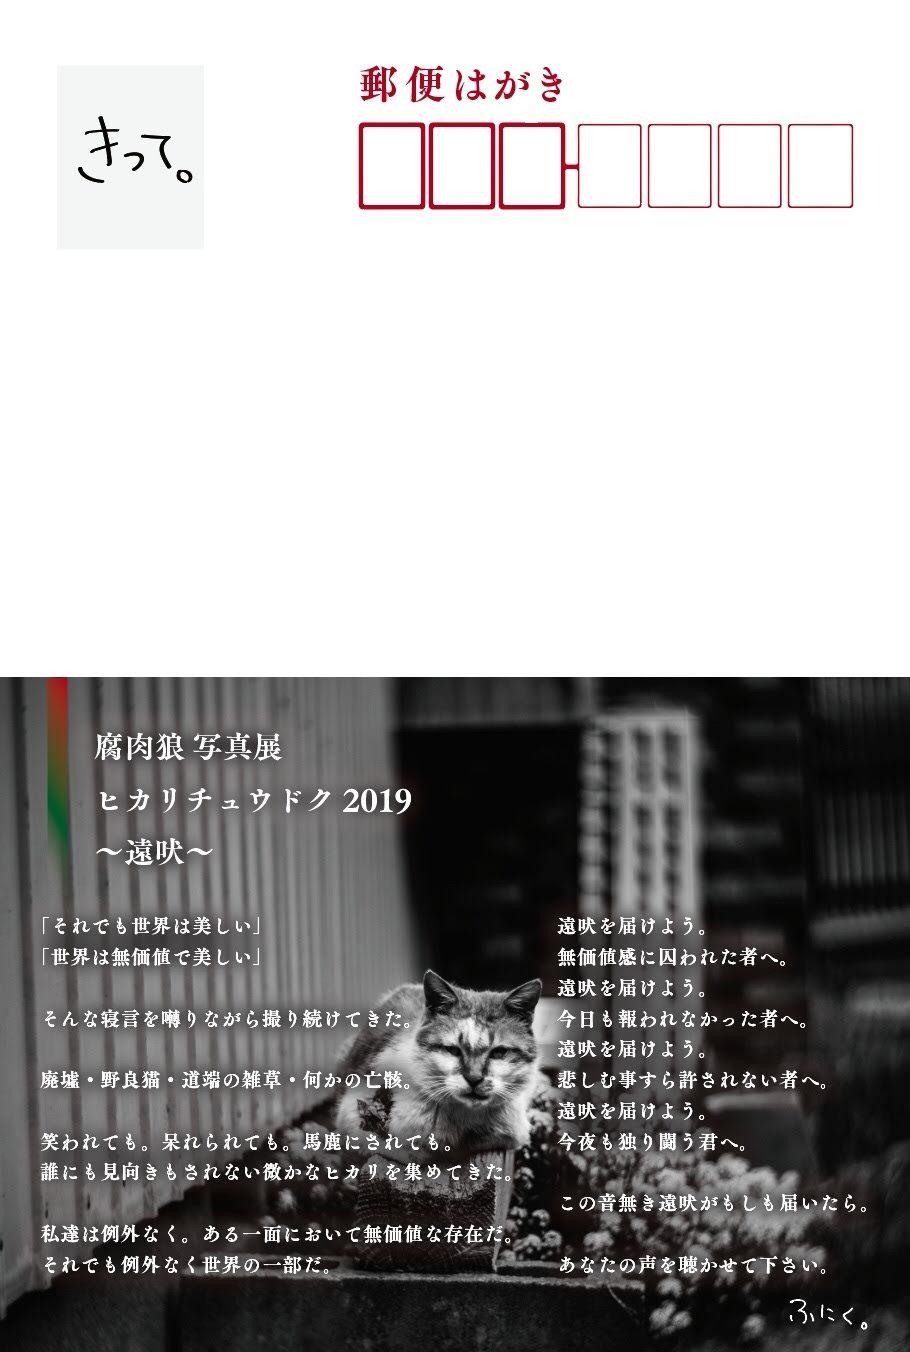 腐肉狼 写真展 ヒカリチュウドク2019 〜遠吠〜_c0002222_17162954.jpg